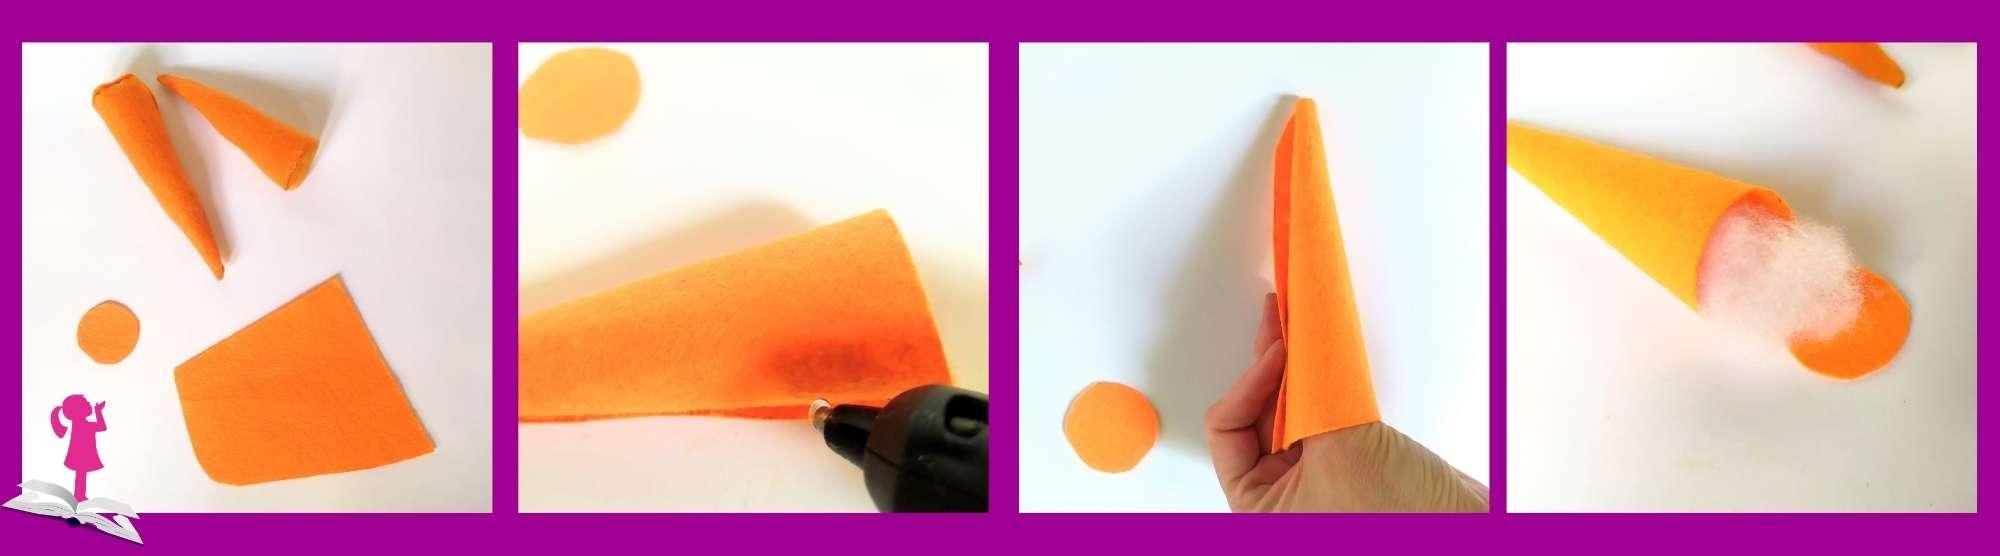 Pasos a seguir para hacer una zanahoria de fieltro para niños